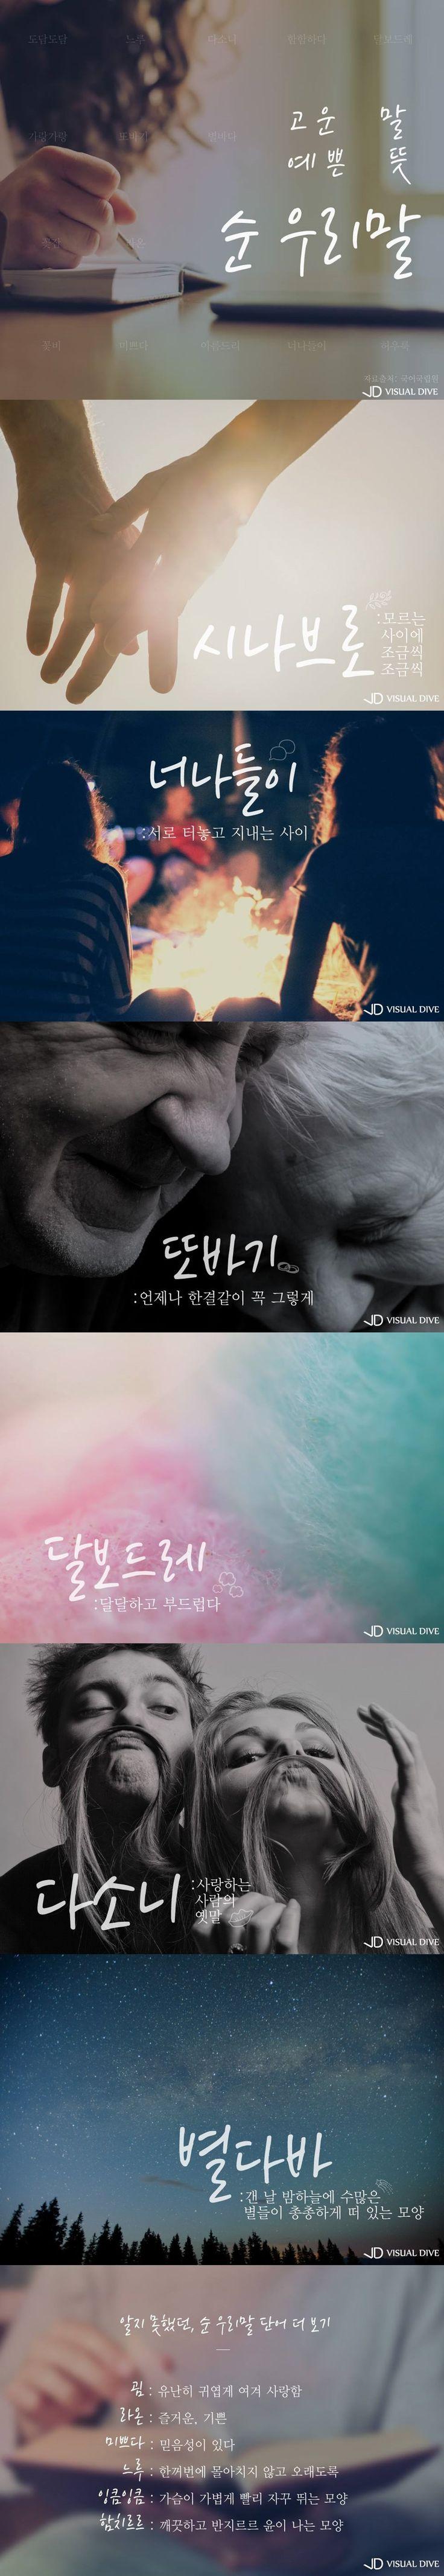 달보드레, 별밭, 라온… 예쁜 우리말, 무슨 뜻일까? [인포그래픽] #Korean / #Infographic ⓒ 비주얼다이브 무단…